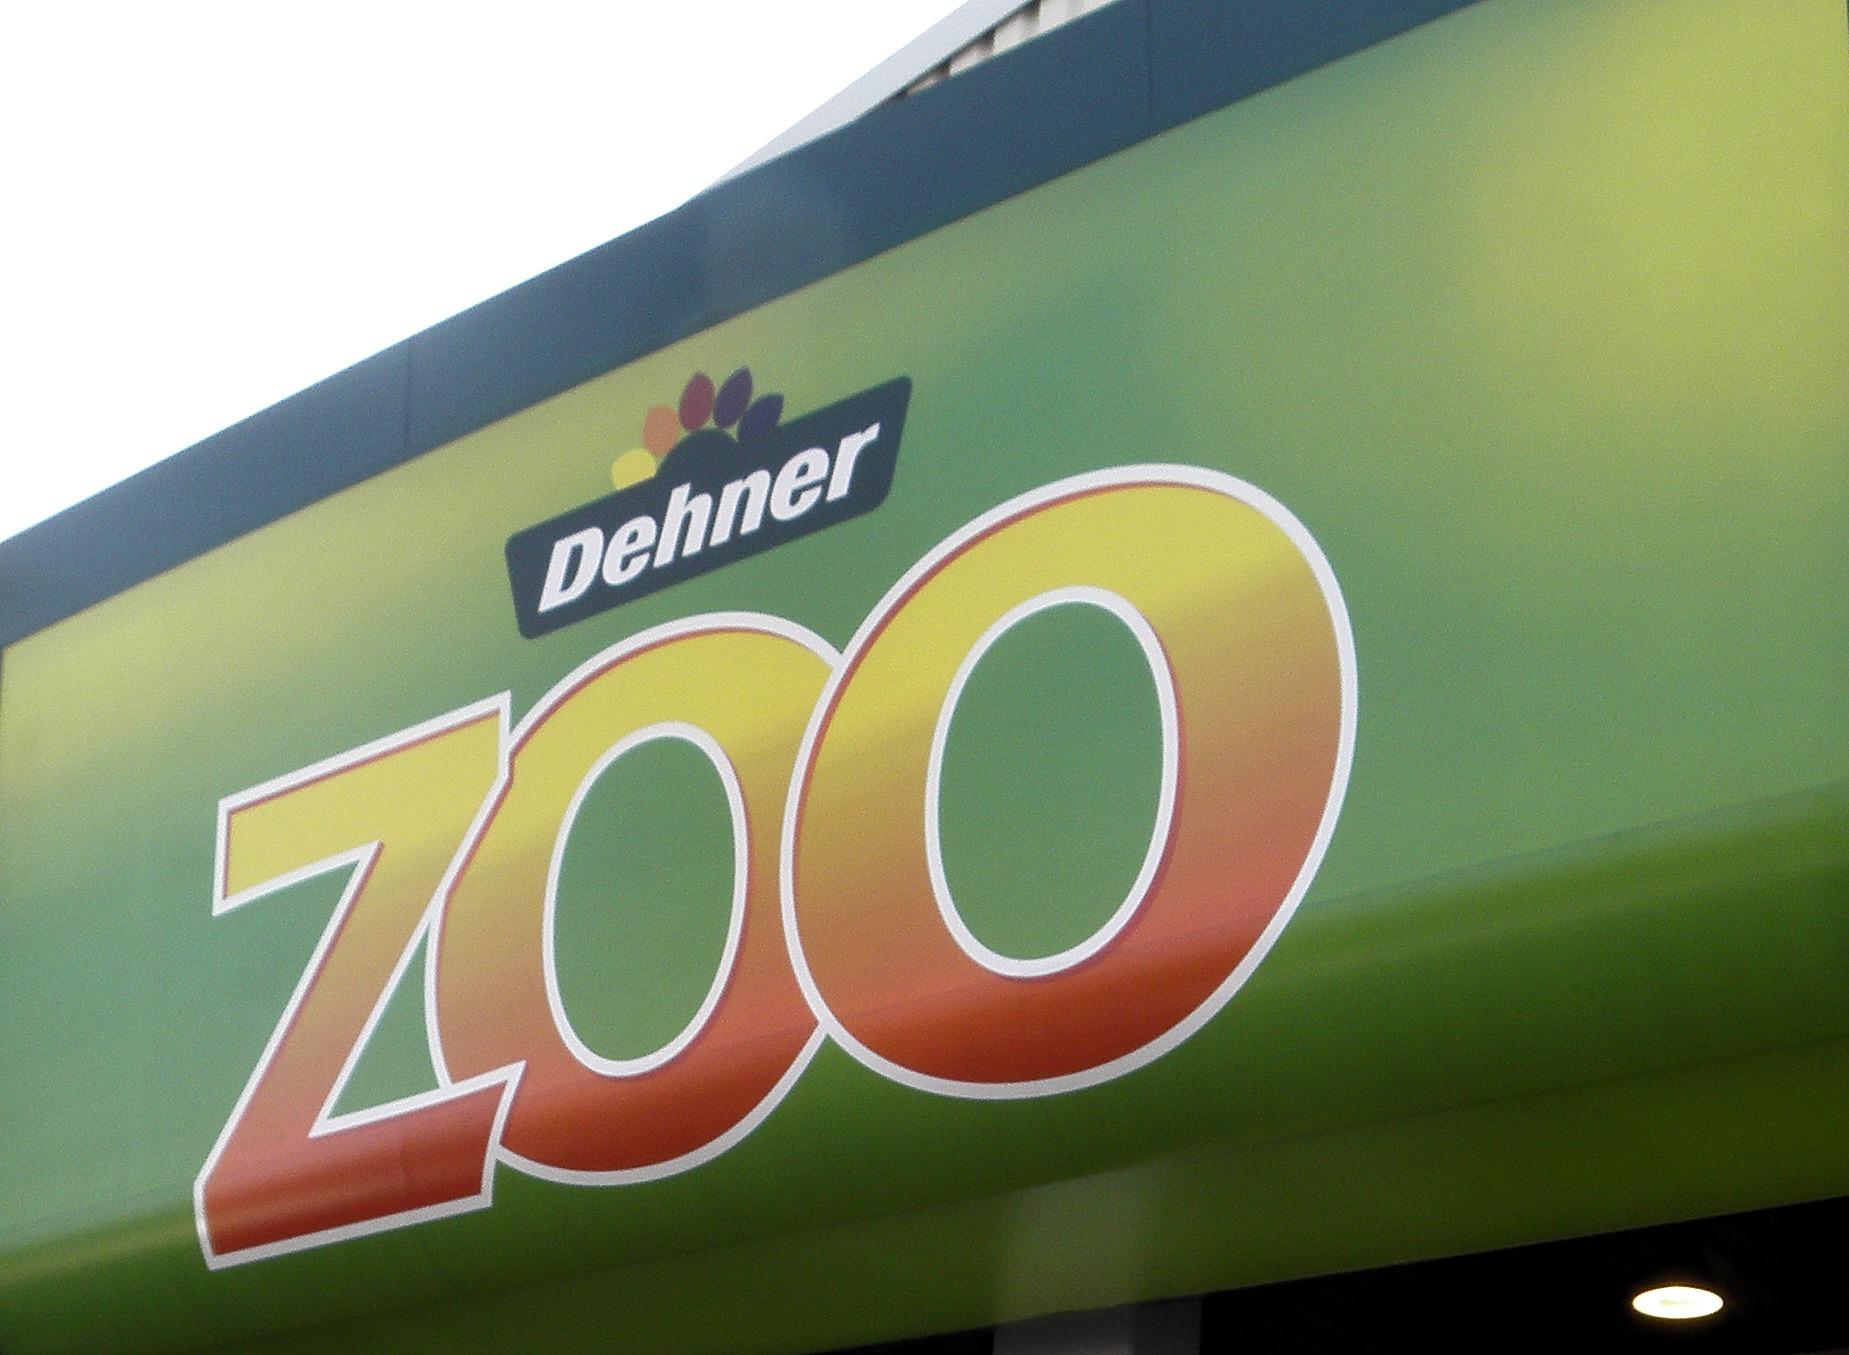 Dehner Ubernimmt Rieger Immobilie Umzug Von Eislingen Nach